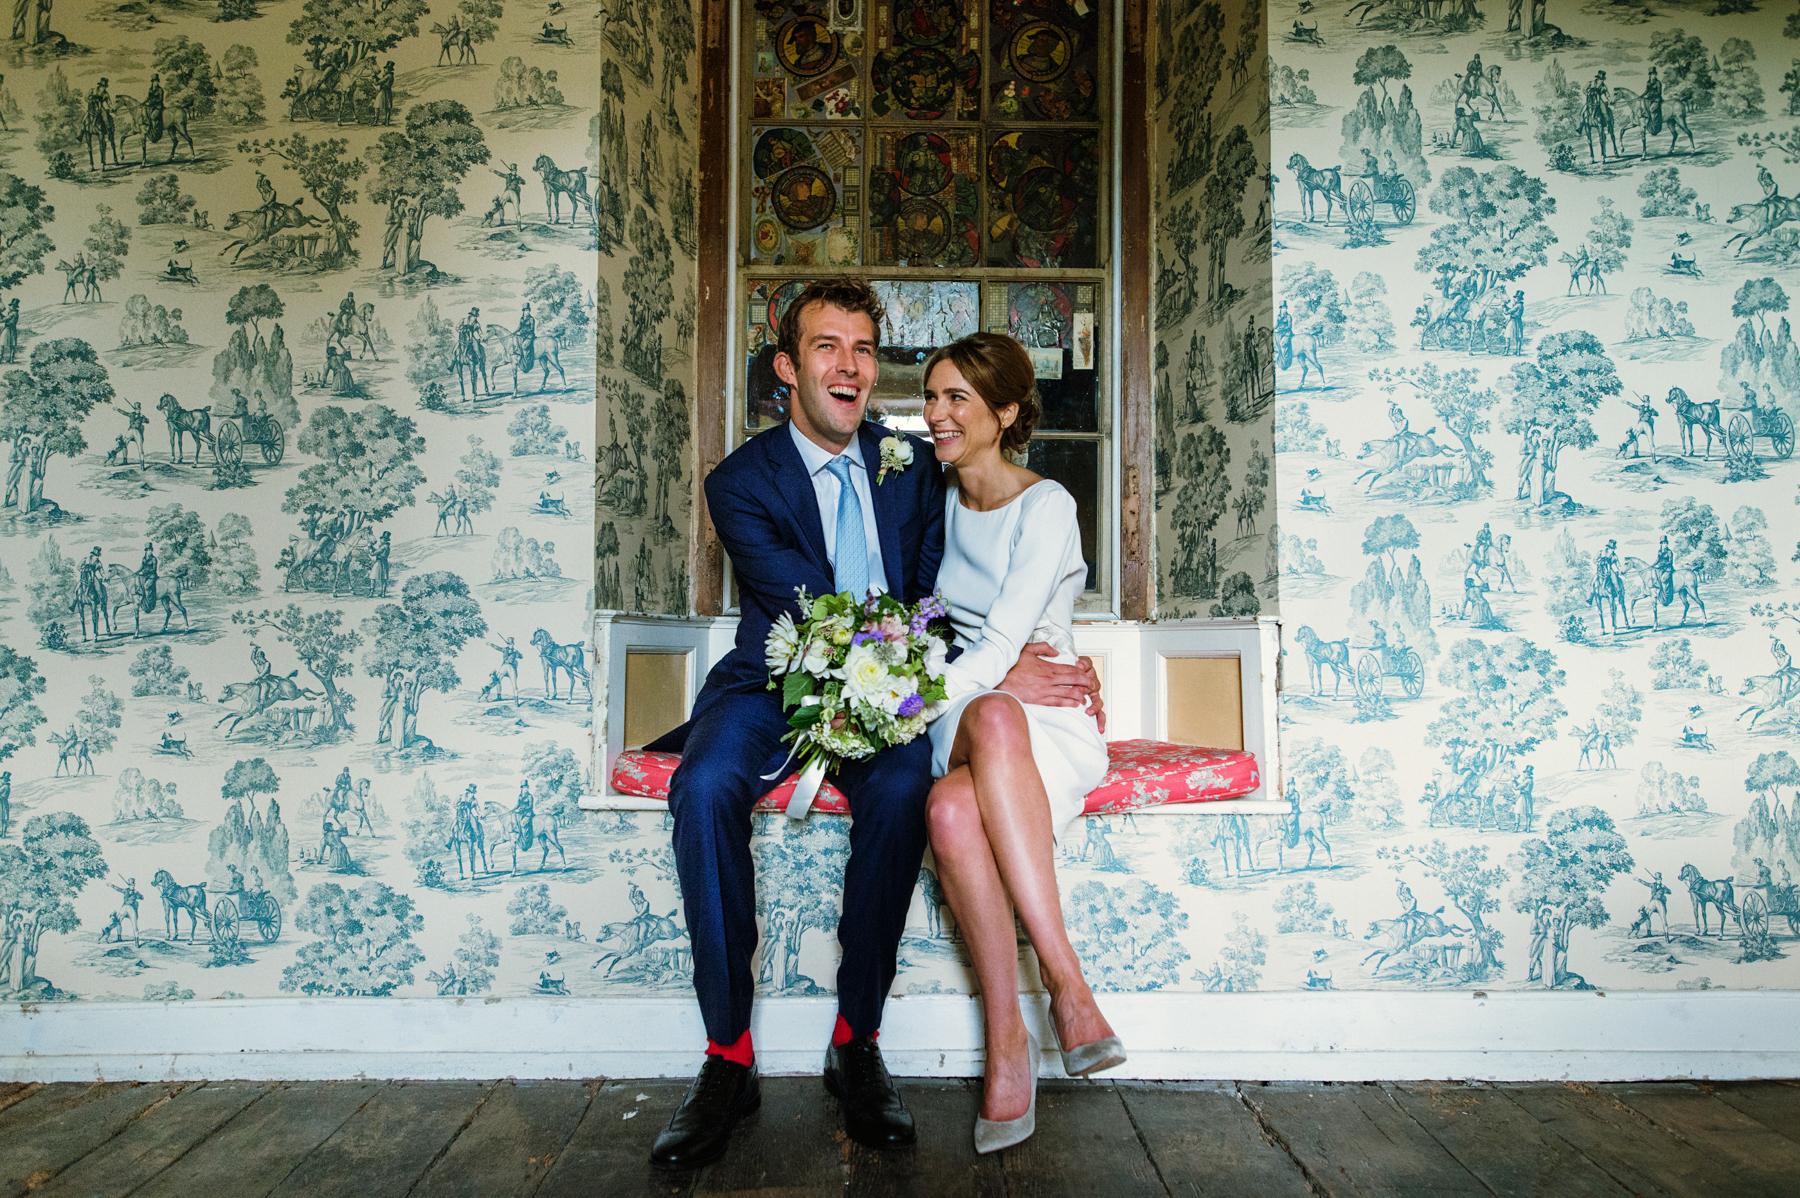 Hauser and Wirth wedding portrait